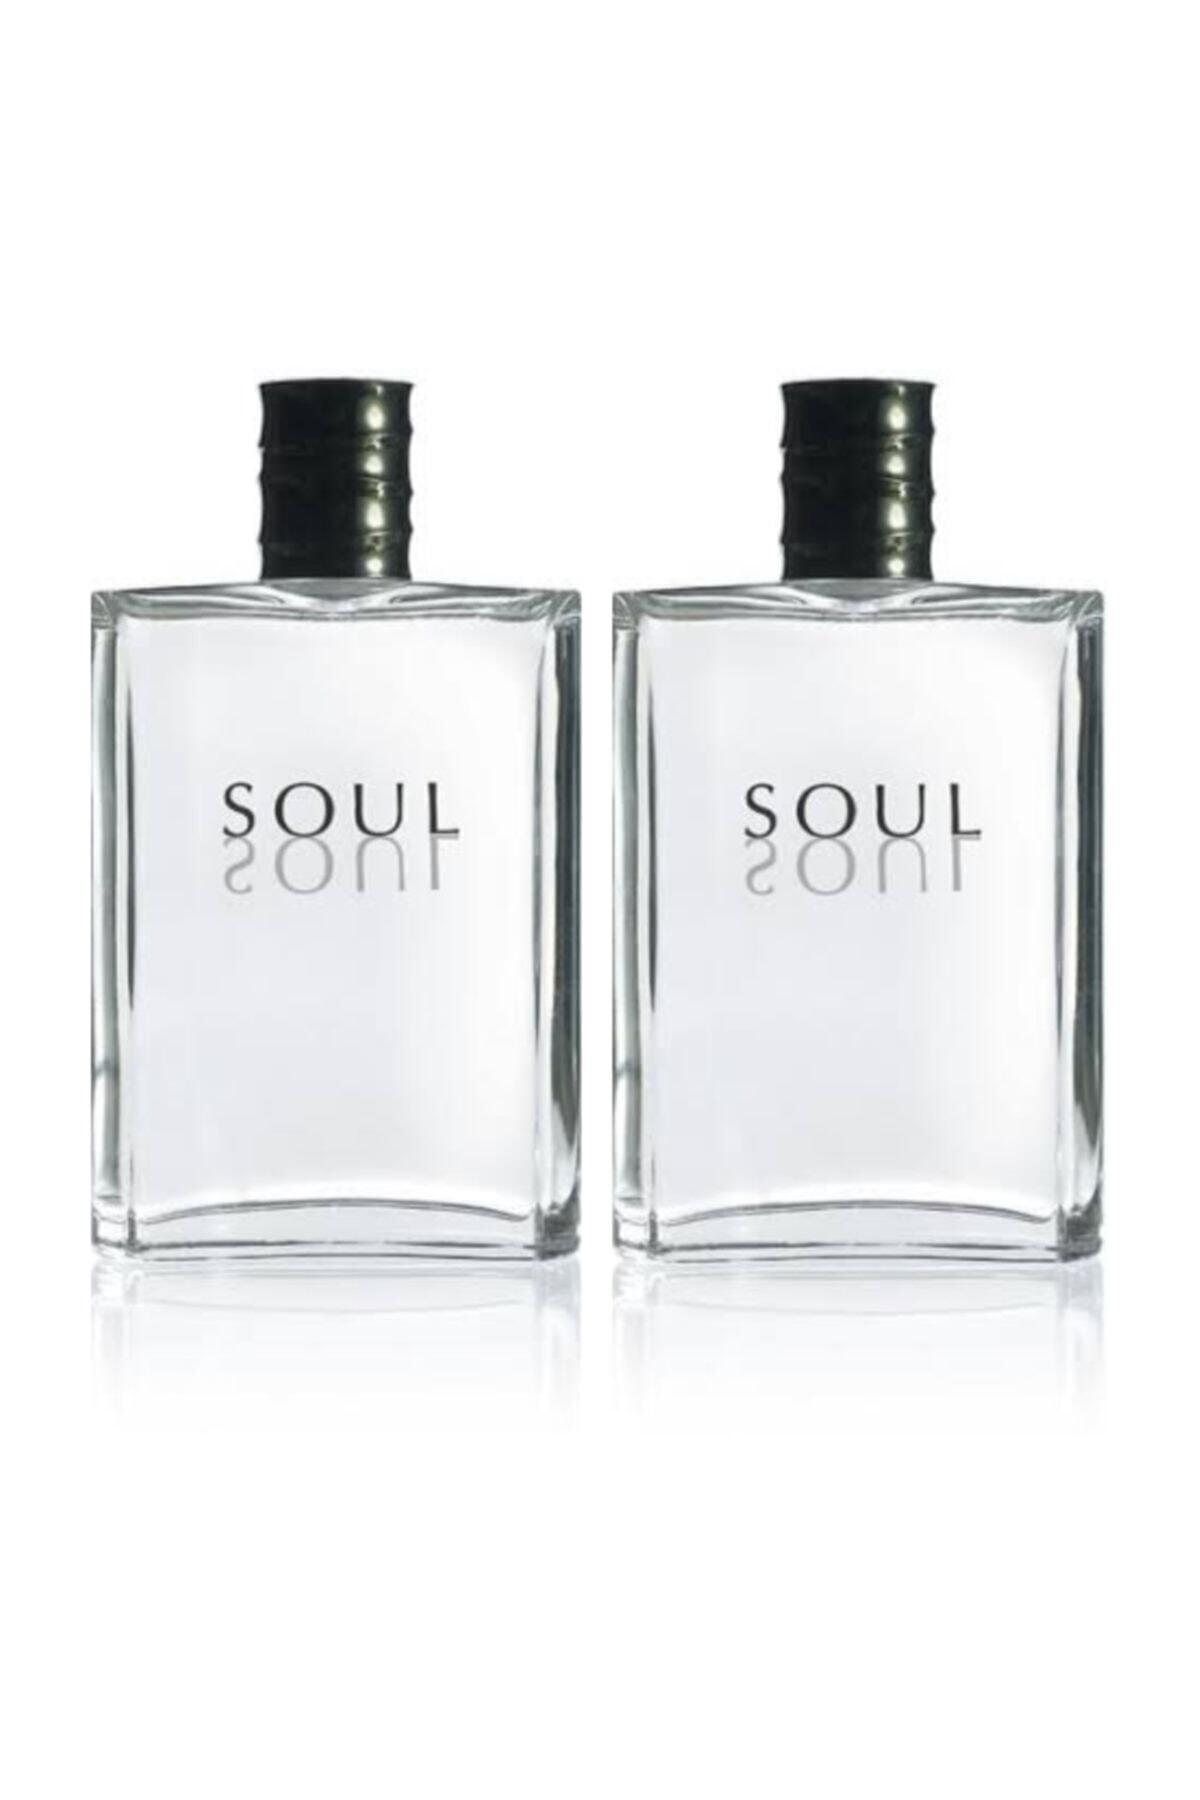 Туалетная вода Soul 100 мл Мужские духи Set 2 шт. в подарок экономичная новая суперароматная модель Соблазнительные